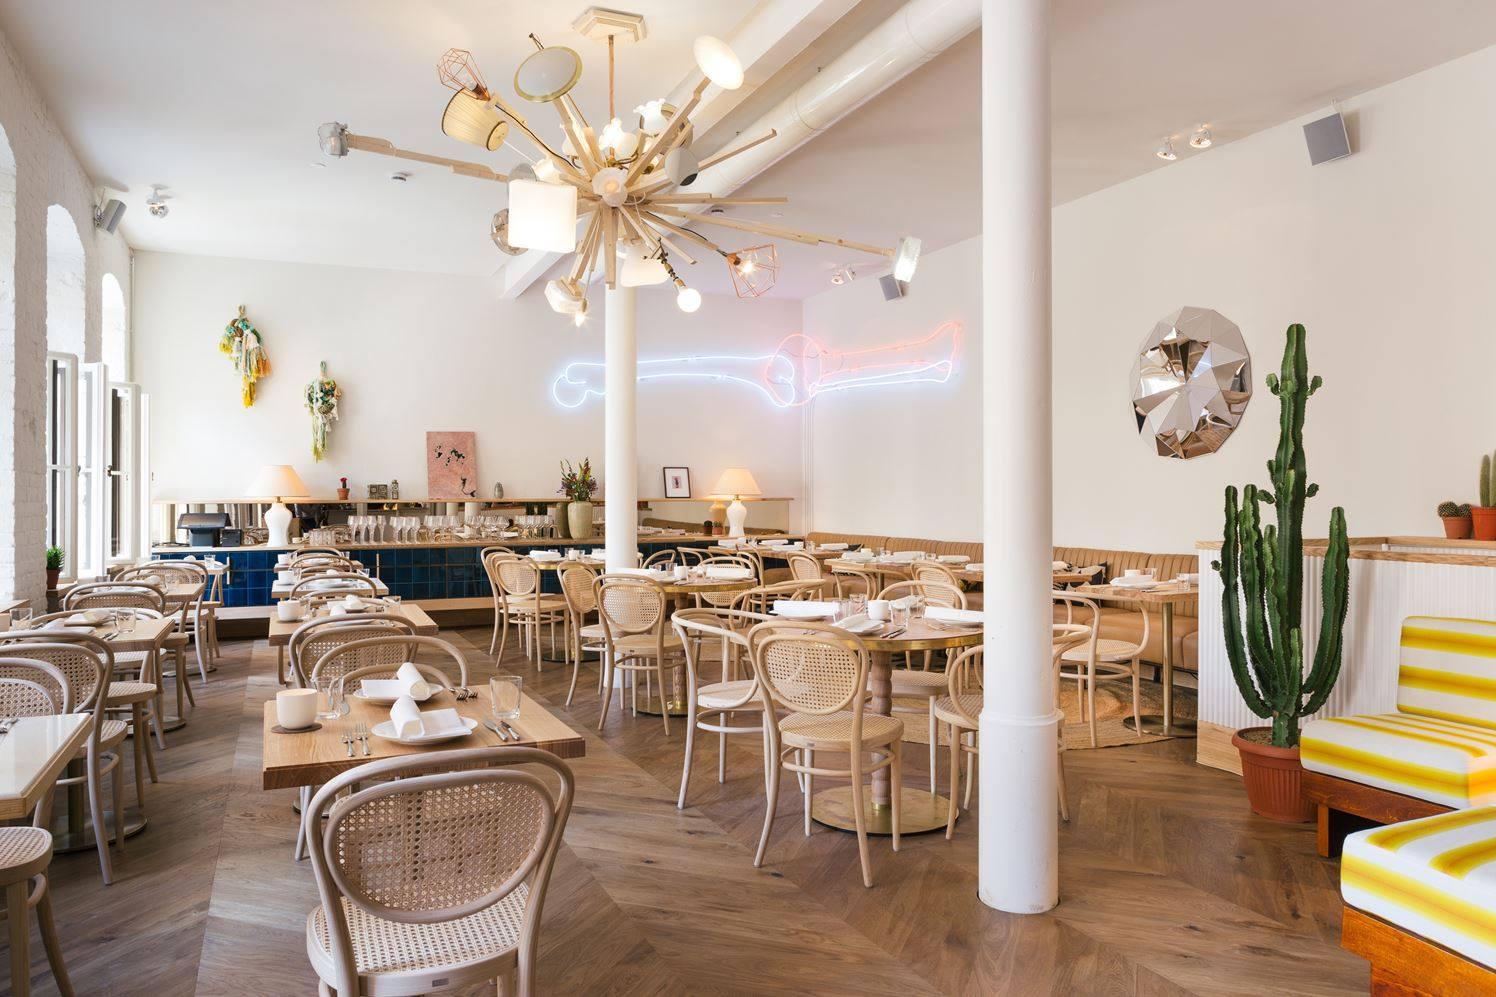 Stile tropical ristorante Berlino